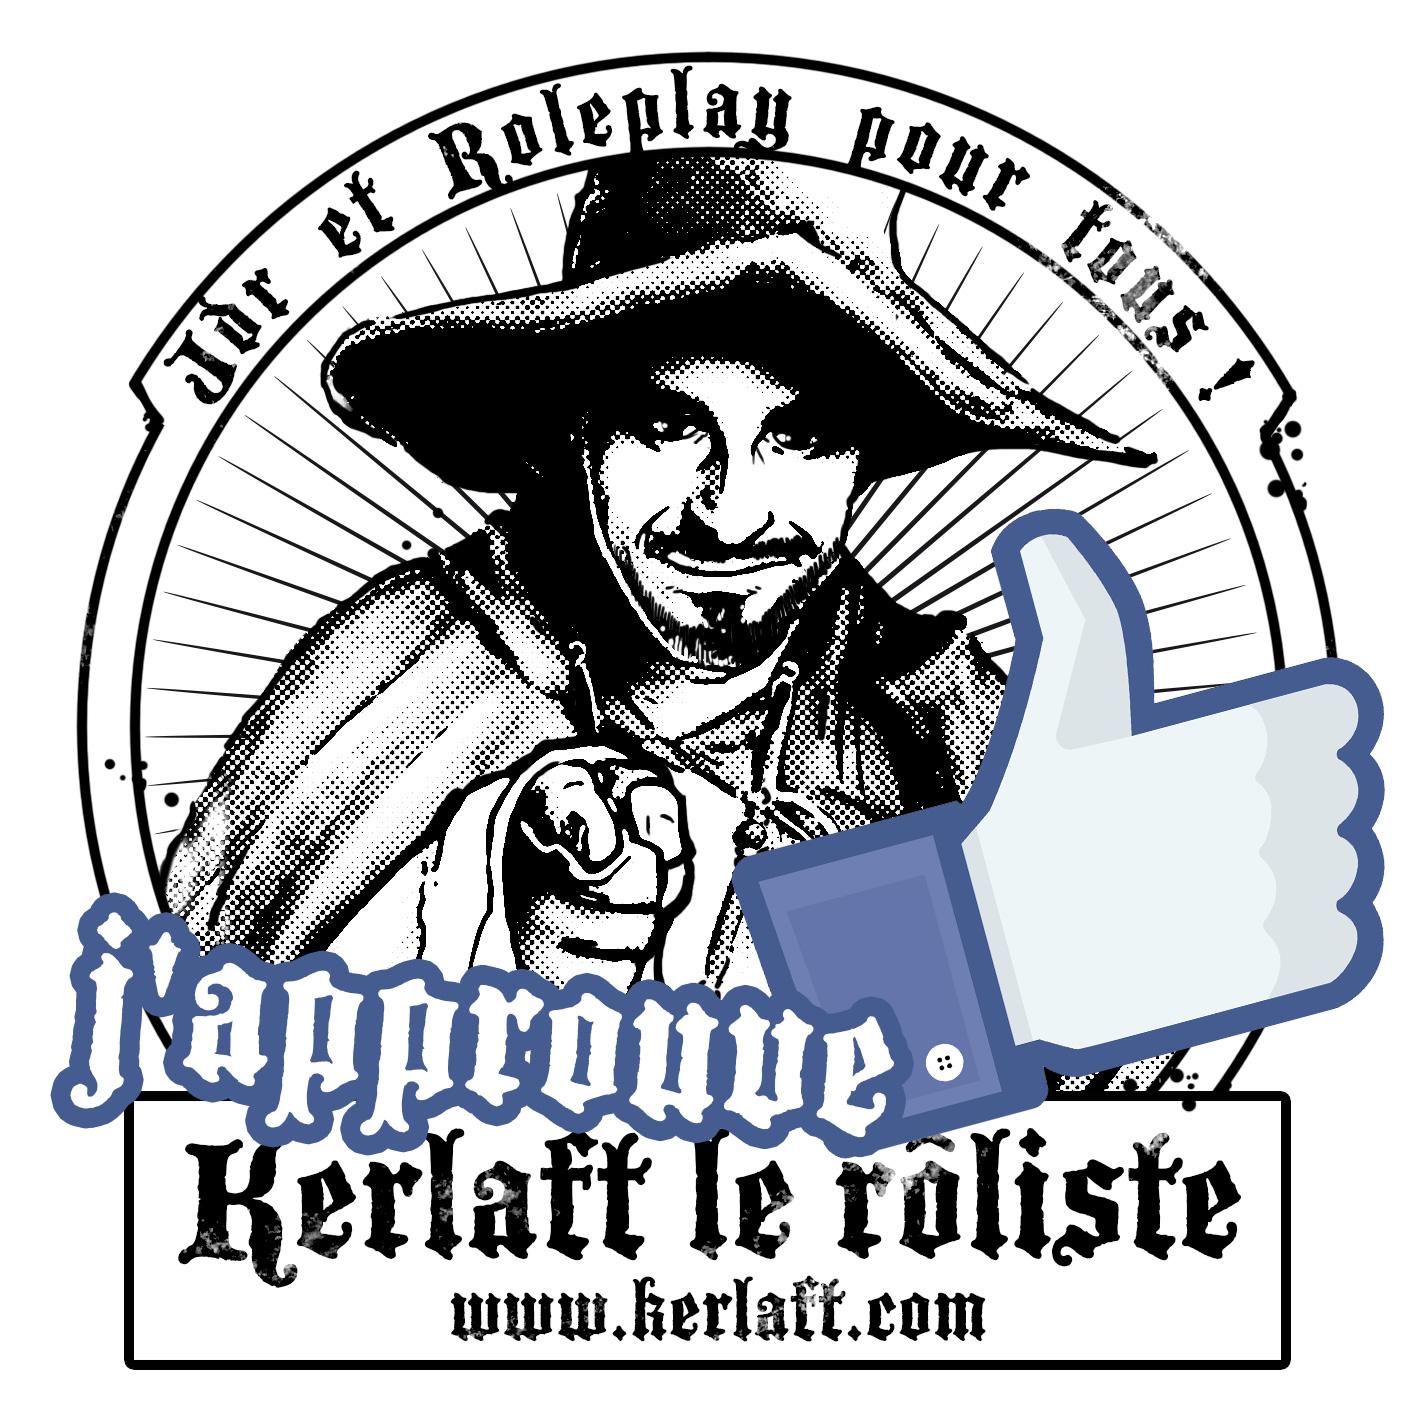 Kerlaft, rôliste since 1981, jdr et roleplay